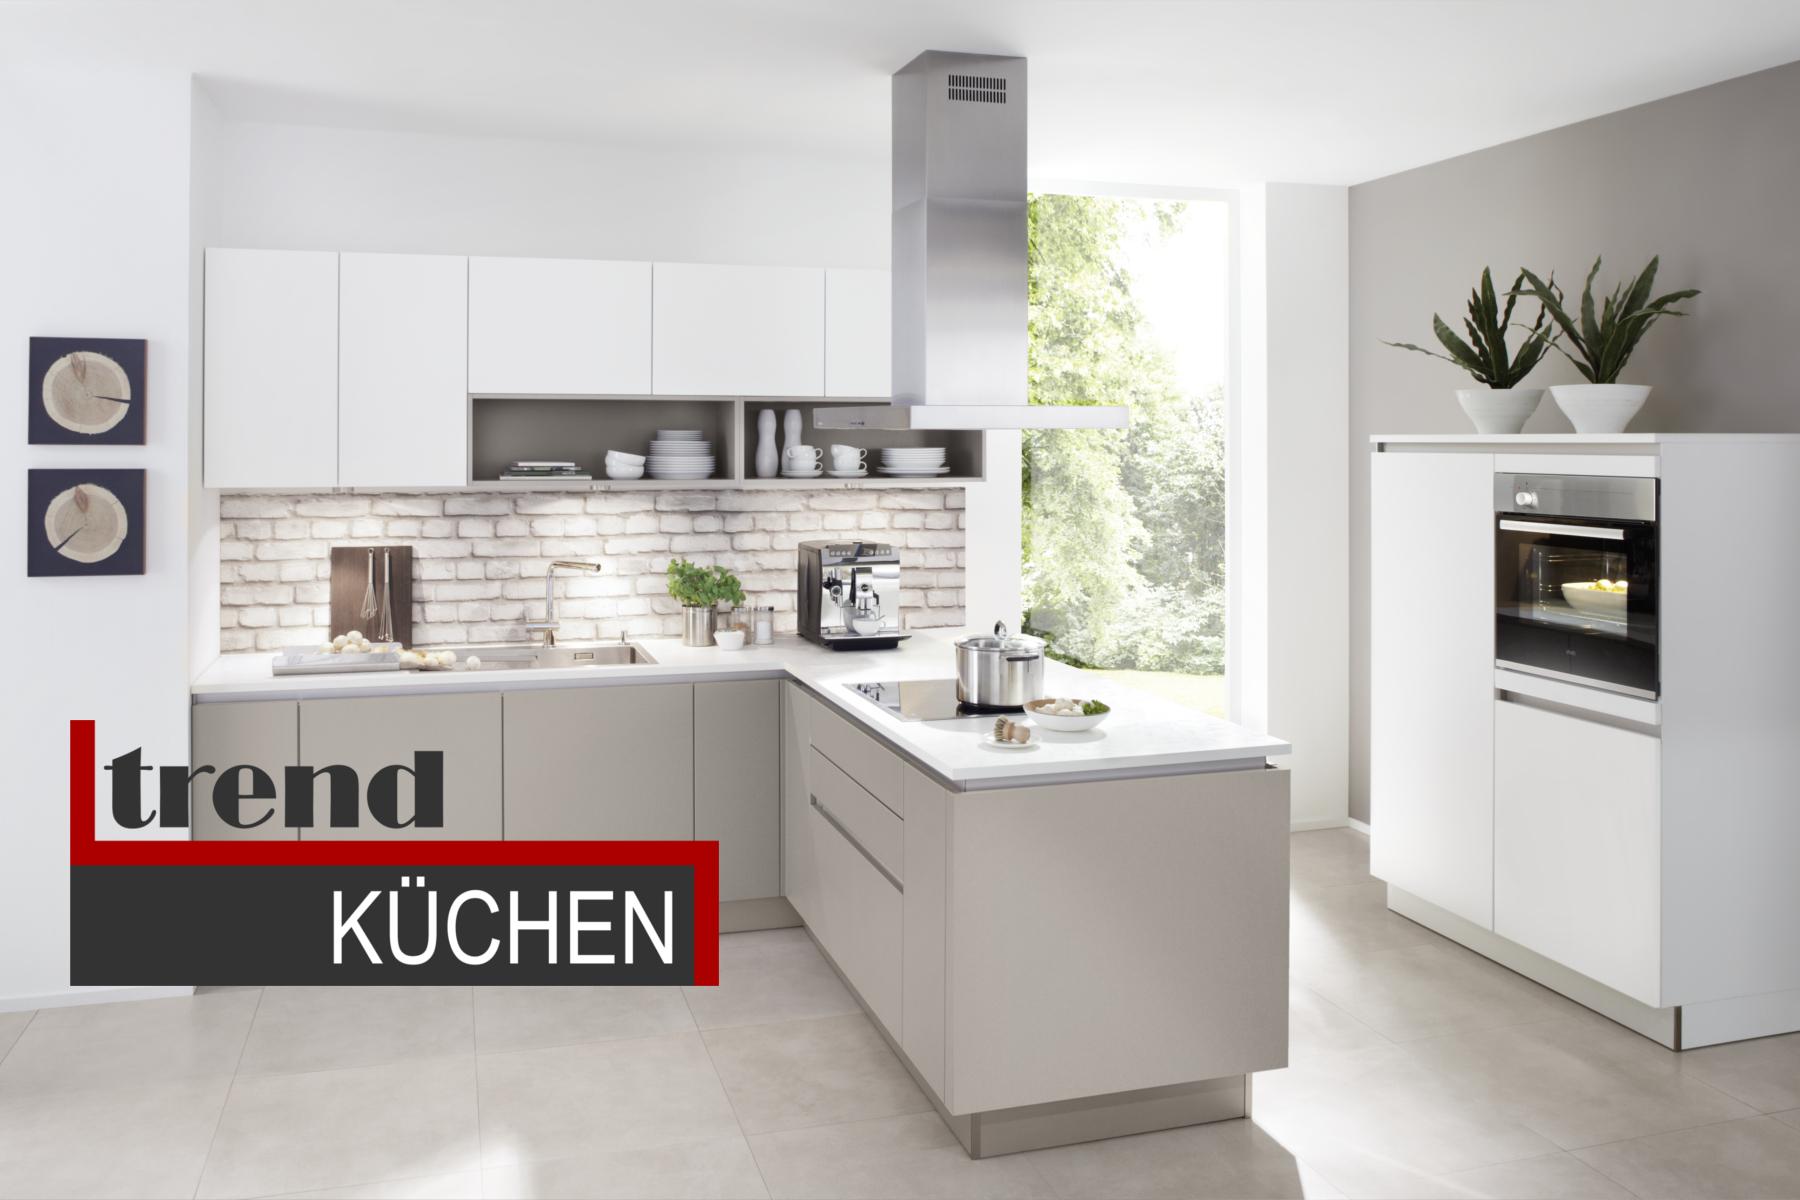 Trend Küchen OG - Wien: Referenzen